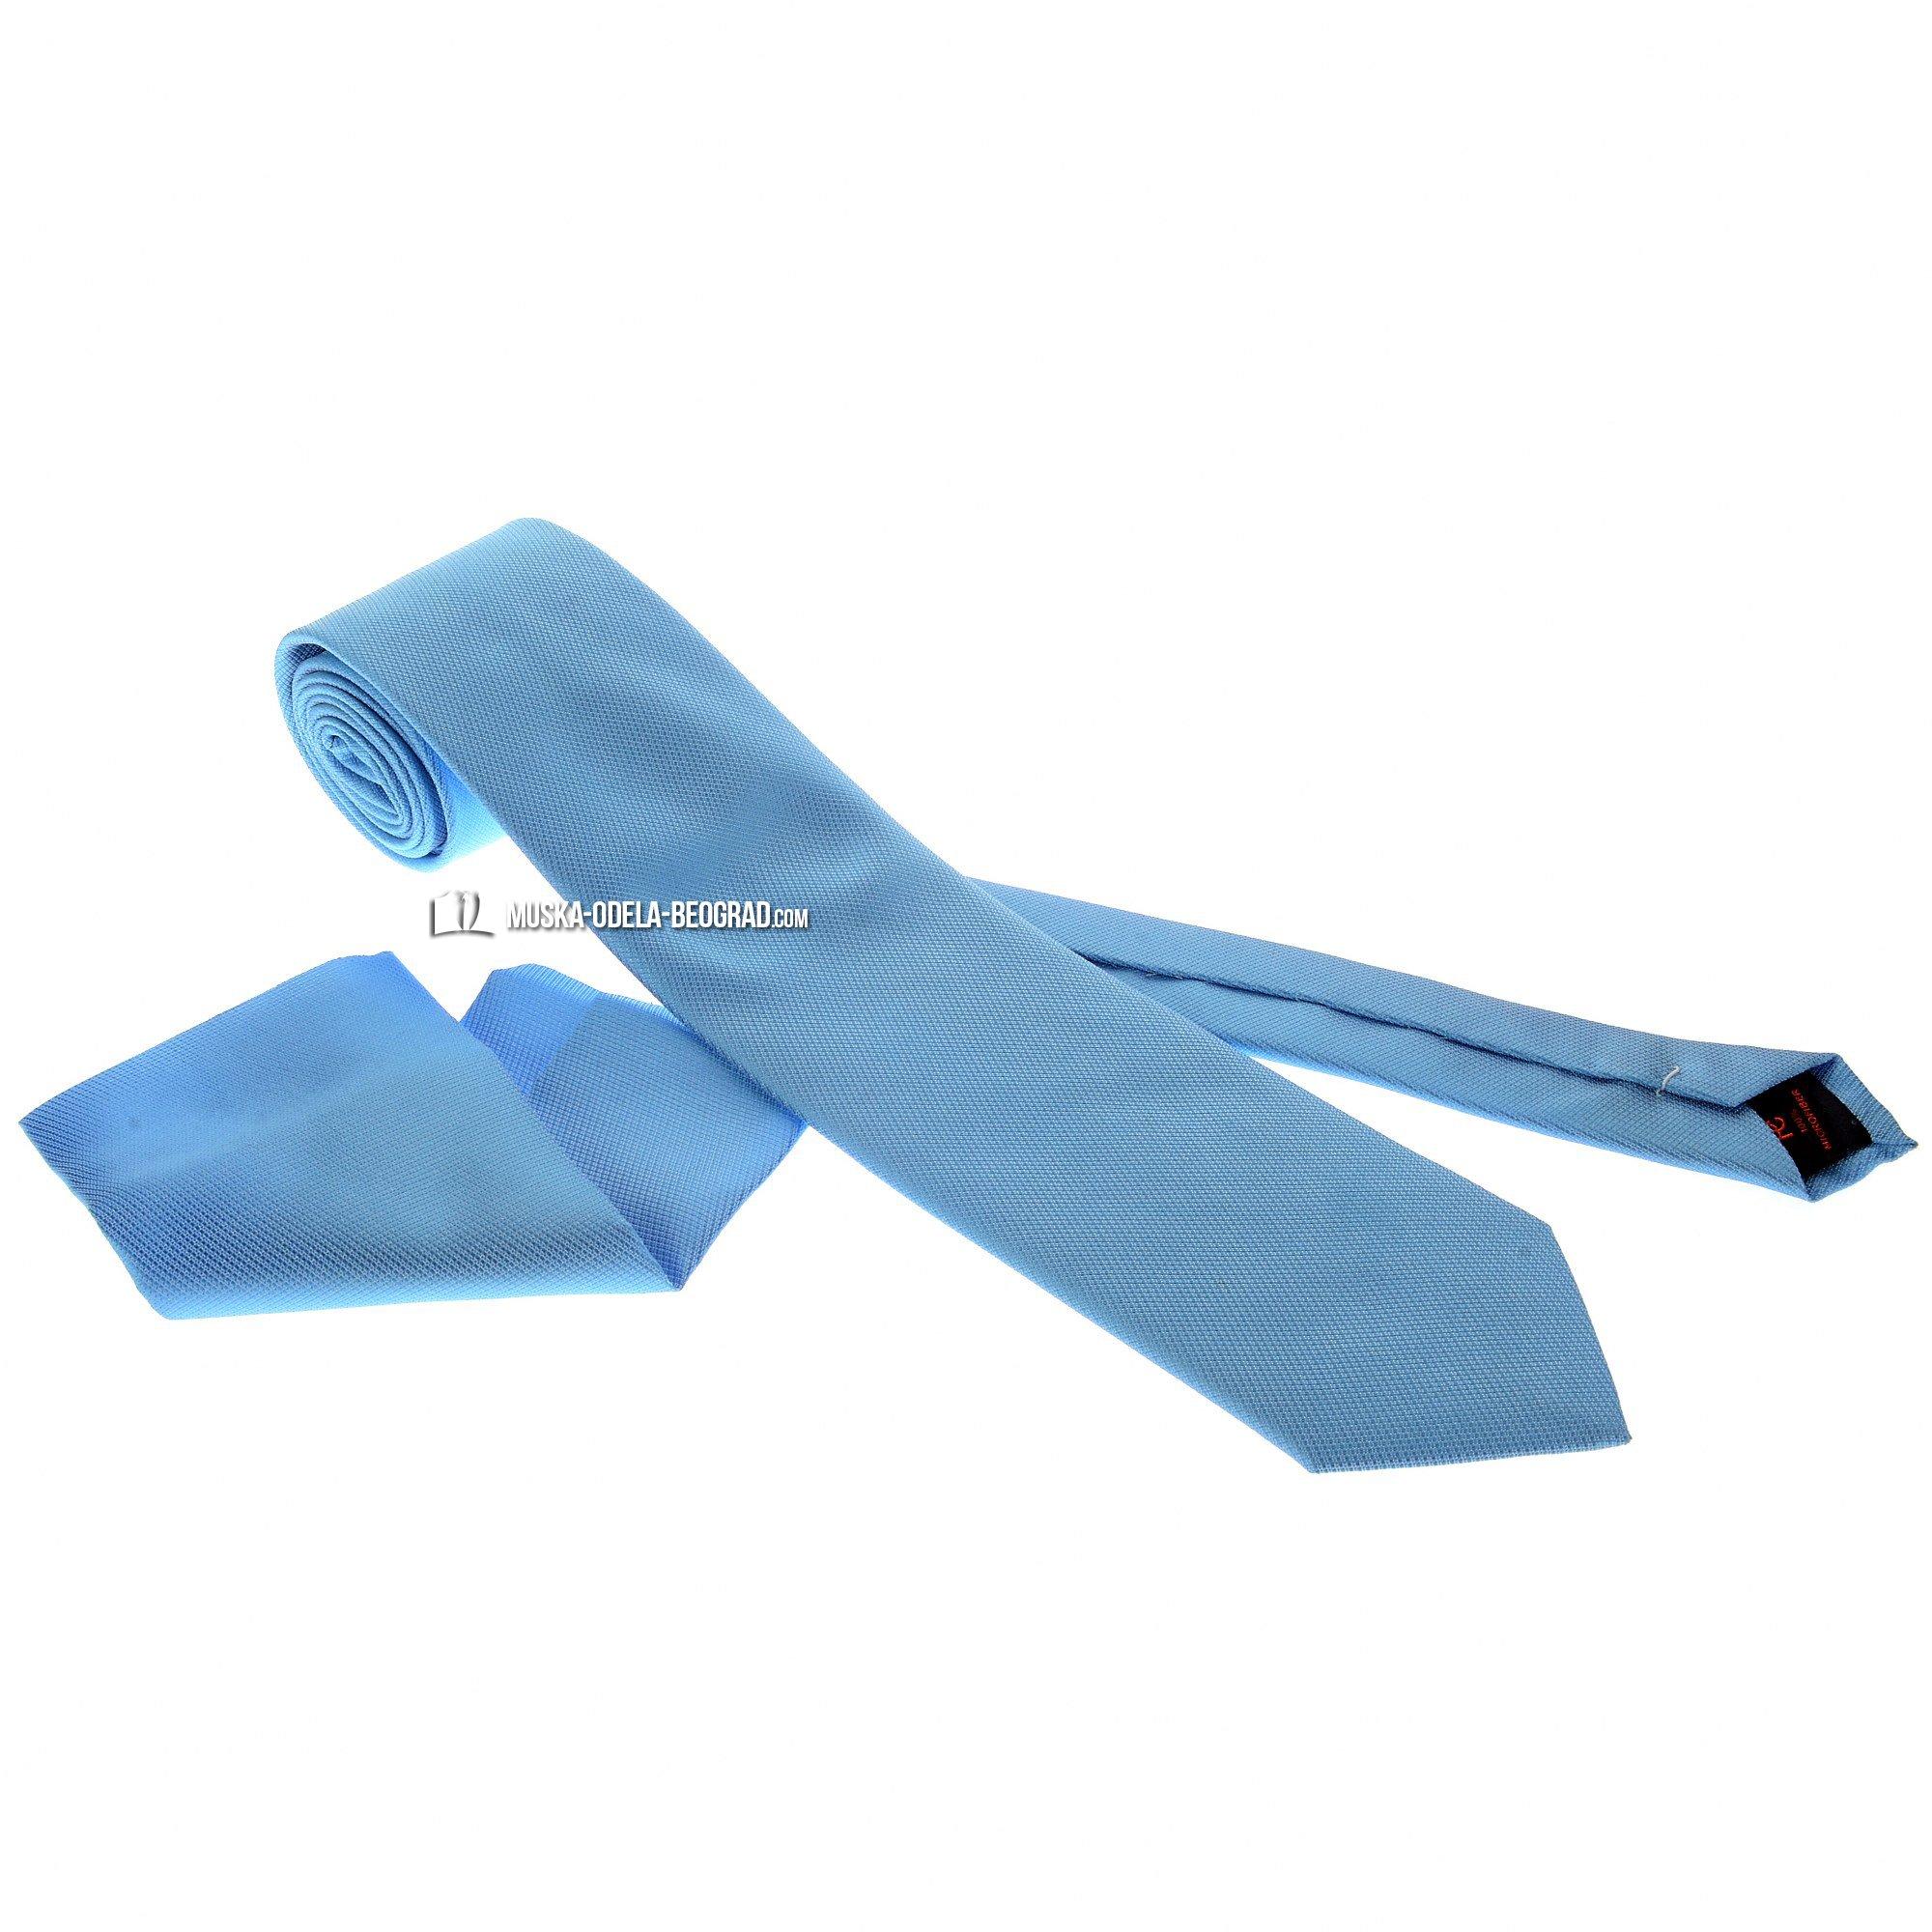 plava kravata sa maramicom #296 - Strukirana odela, strukirana muska odela, odela strukirana cene, kravate cena, kravate cene, kravate prodaja, kravate beograd, kravate novi sad, kravate cacak, kravate nis, prodaja muskih kravata, kravate za musko odelo, kravate za vencanje, kravata za svadbu, online prodaja kravata, muska odela, muske cipele